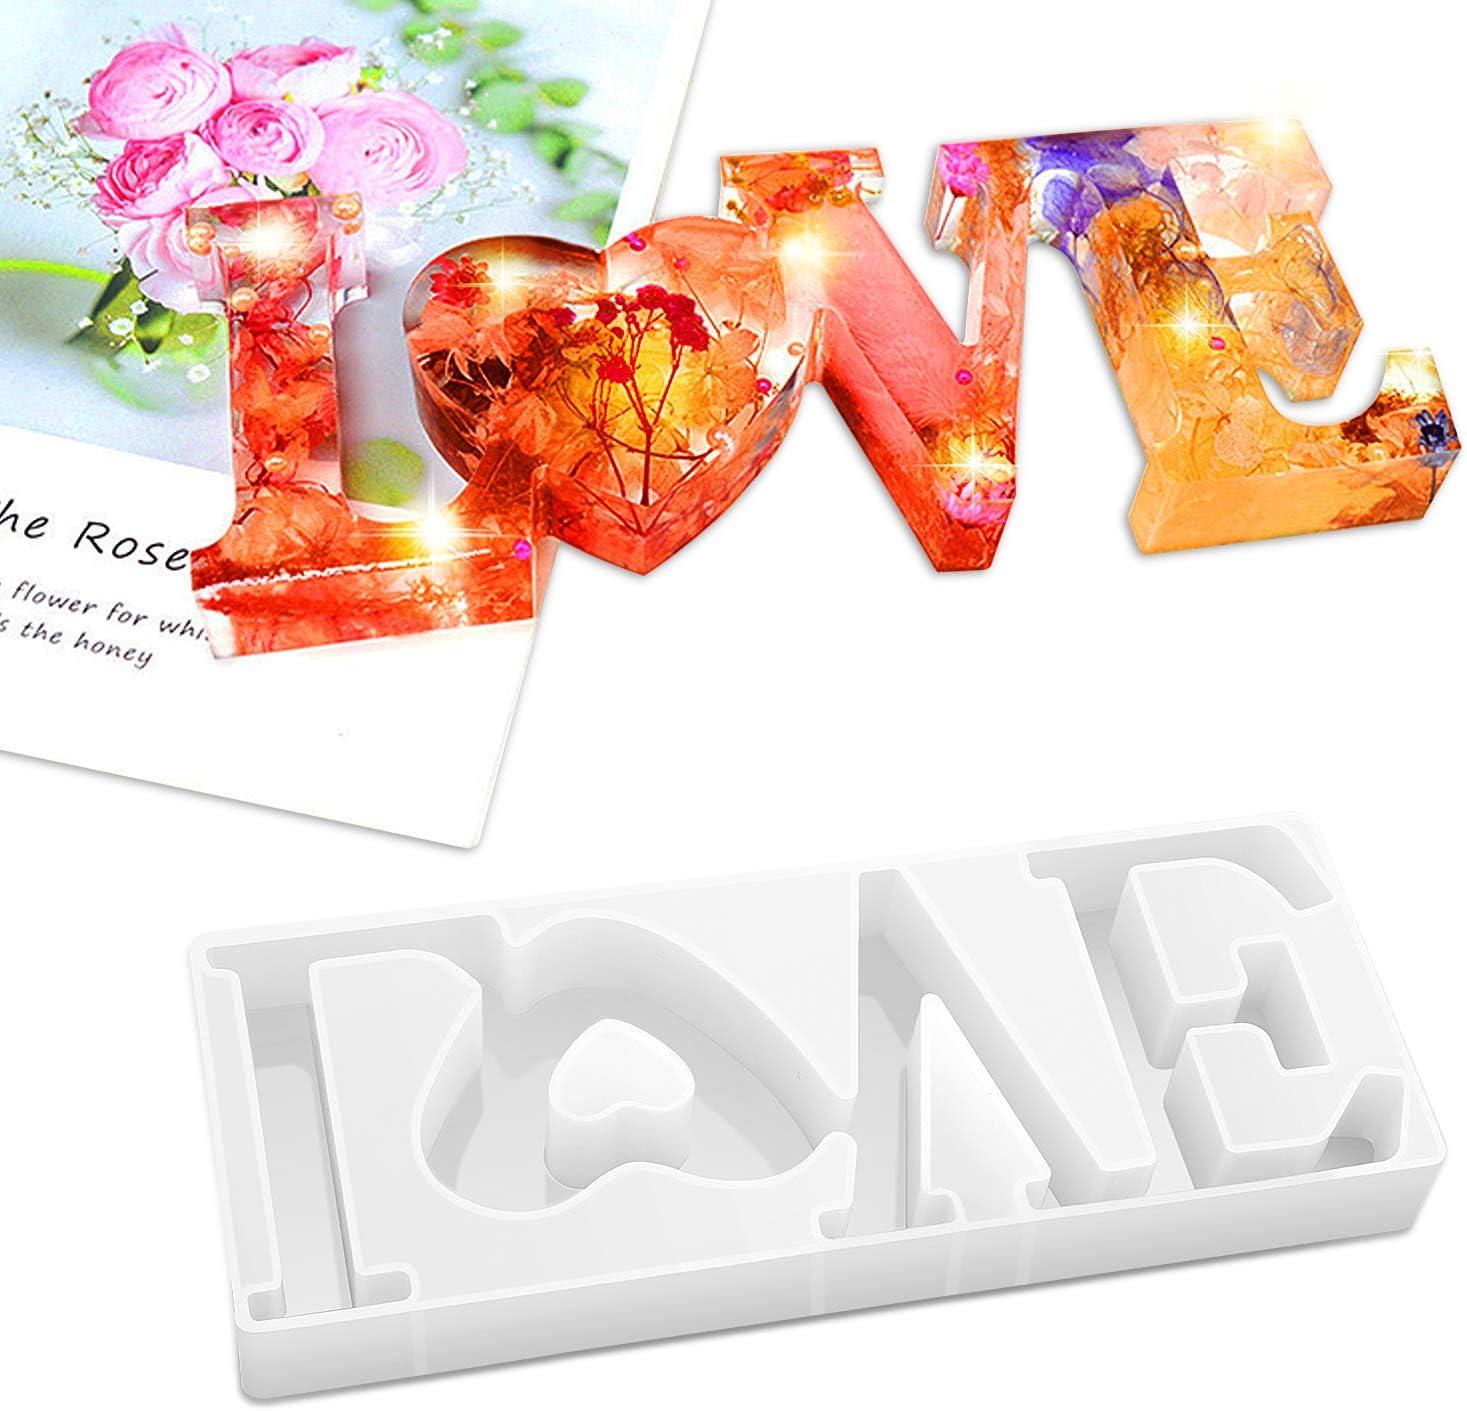 moldes de resina epoxi en forma de coraz/ón para artesan/ía DIY Decoraci/ón de mesa D/ía de San Valent/ín Danolt 38 Unids Love Silicone Mold para resina